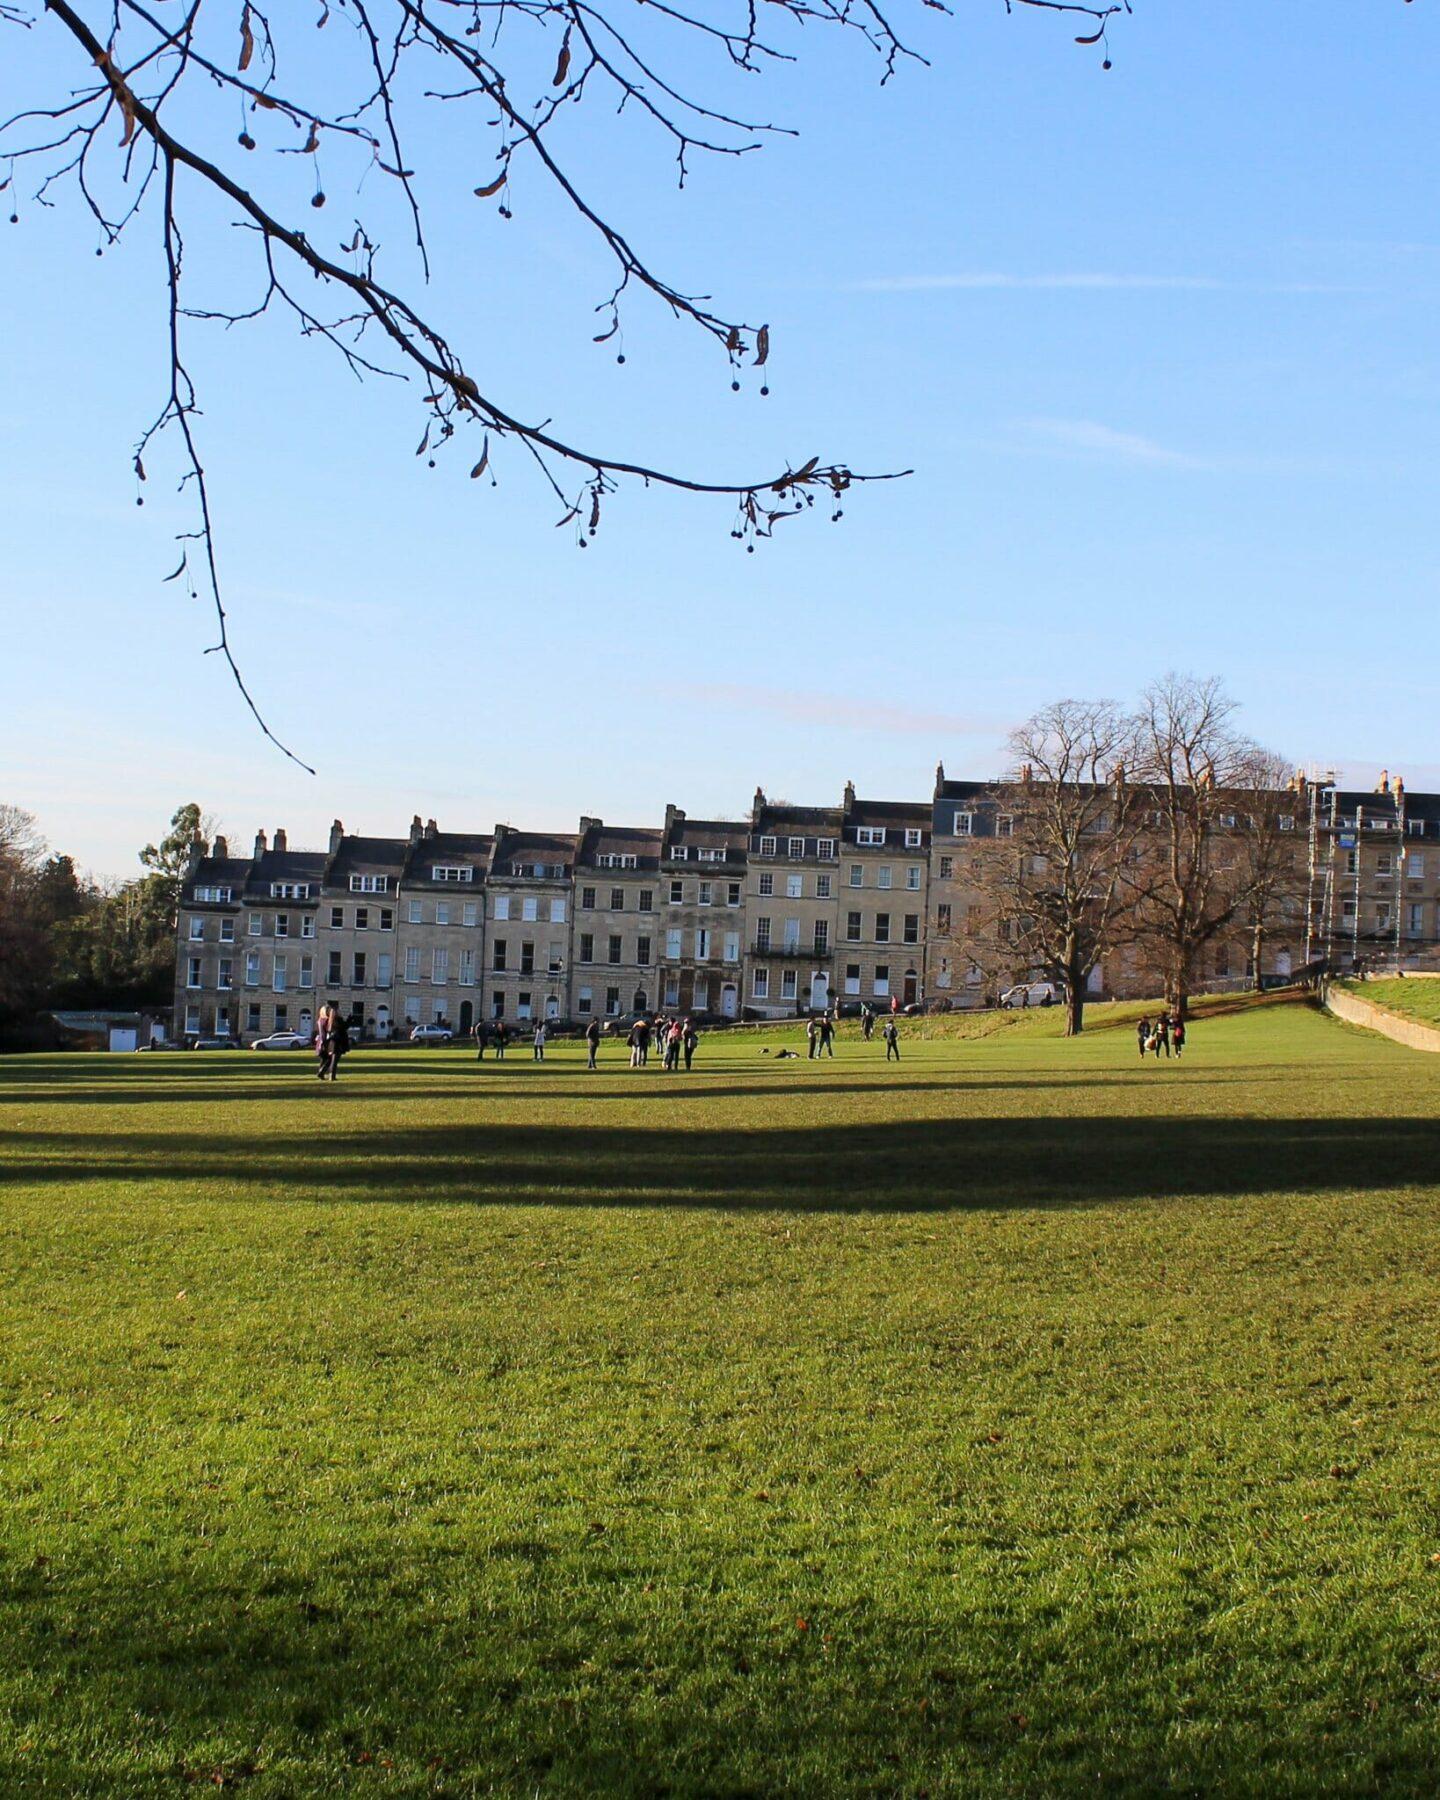 Royal Crescent Lawn Bath